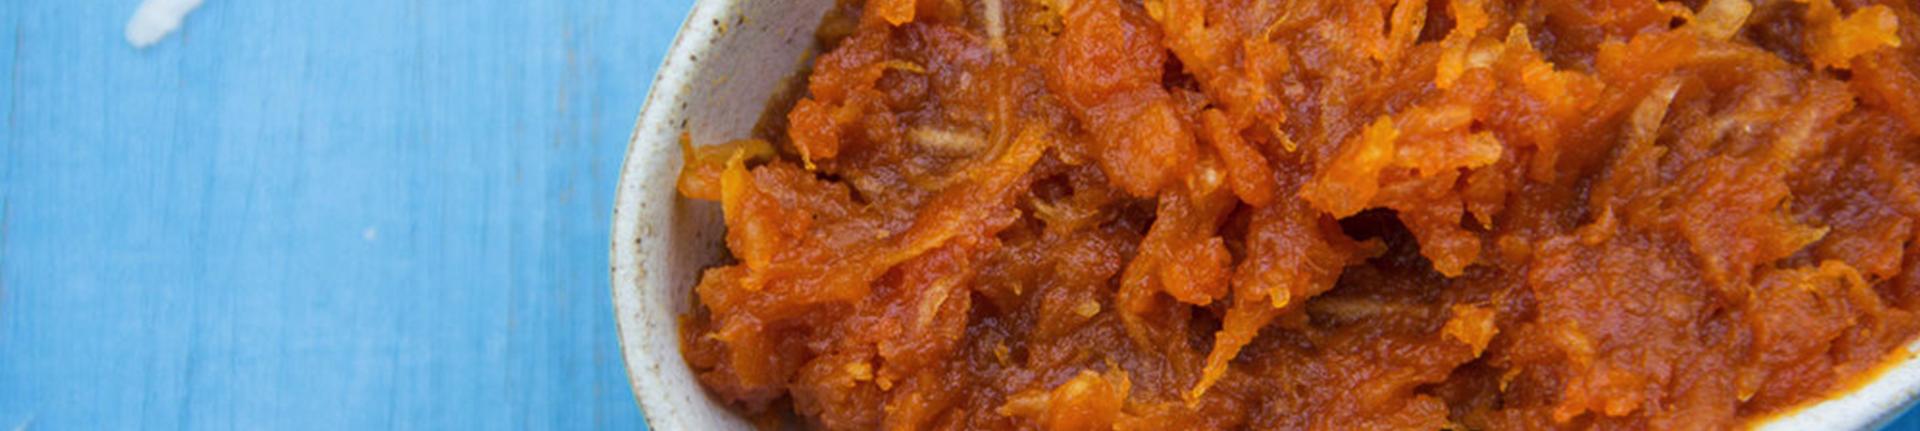 Doce de abóbora com coco, receita da Bela Gil